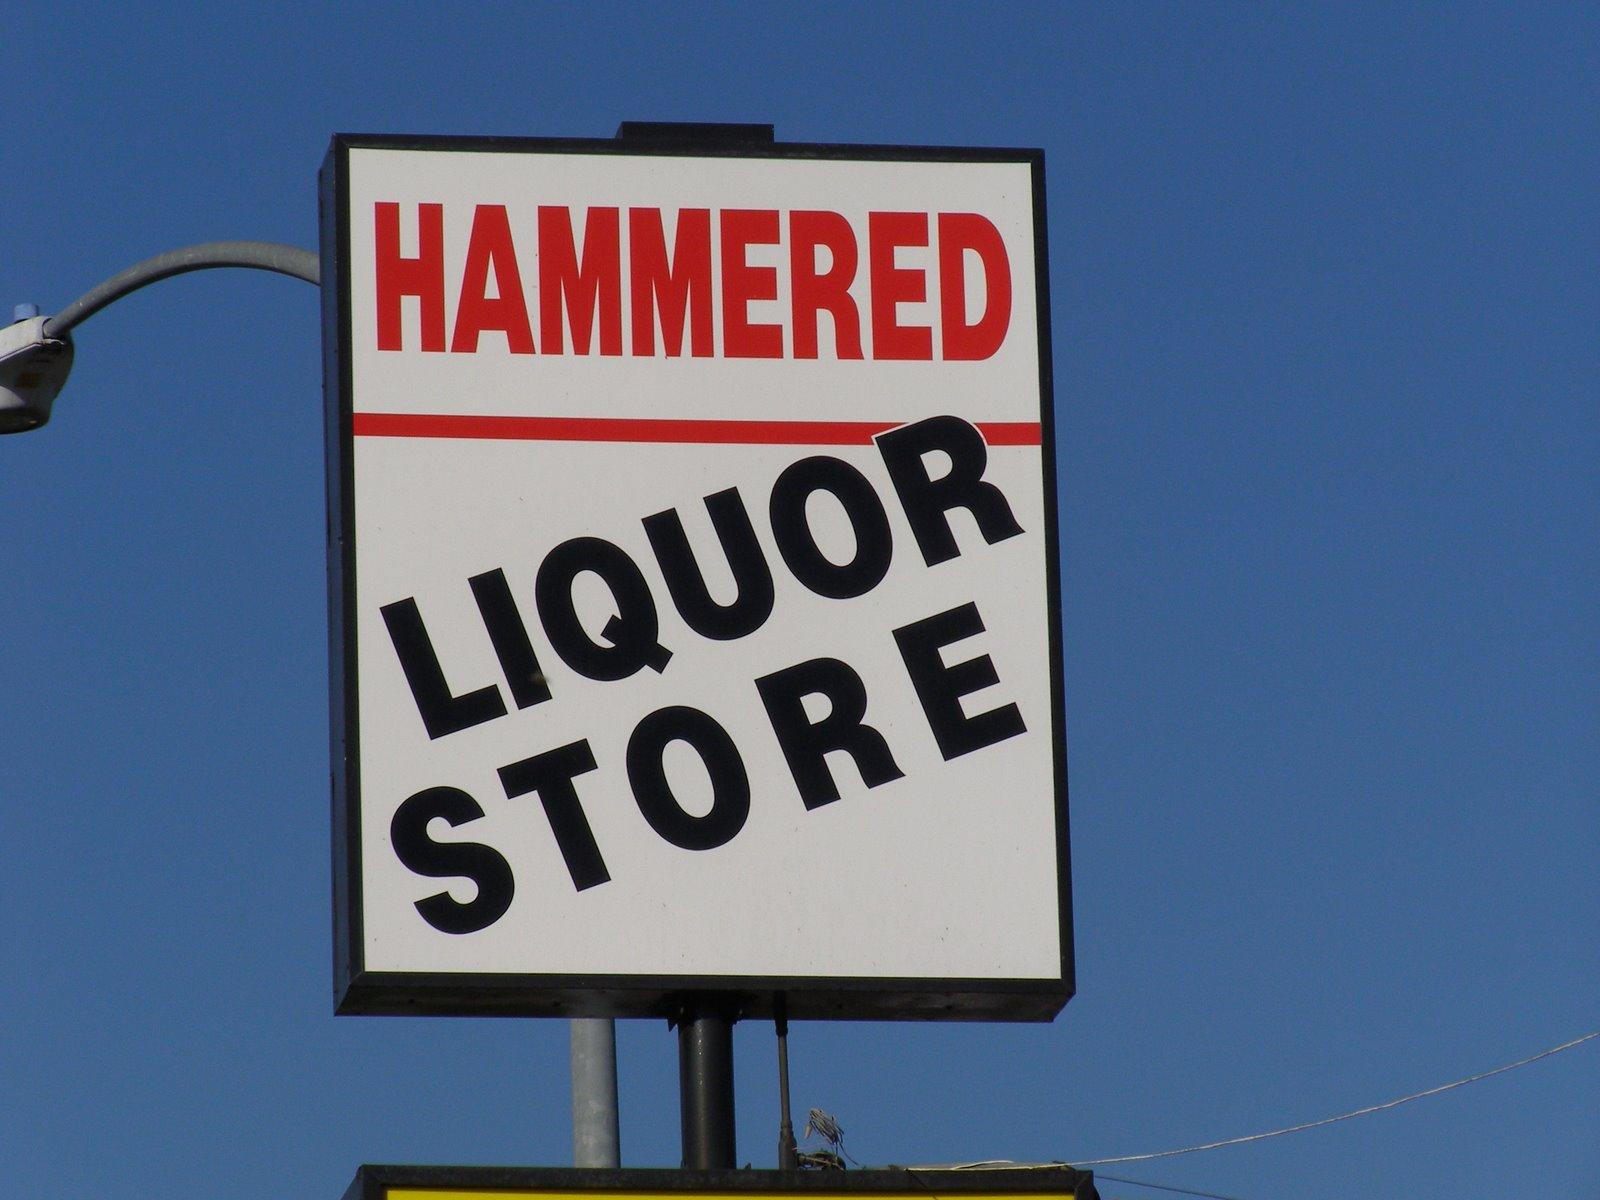 [hammered+liquor+]